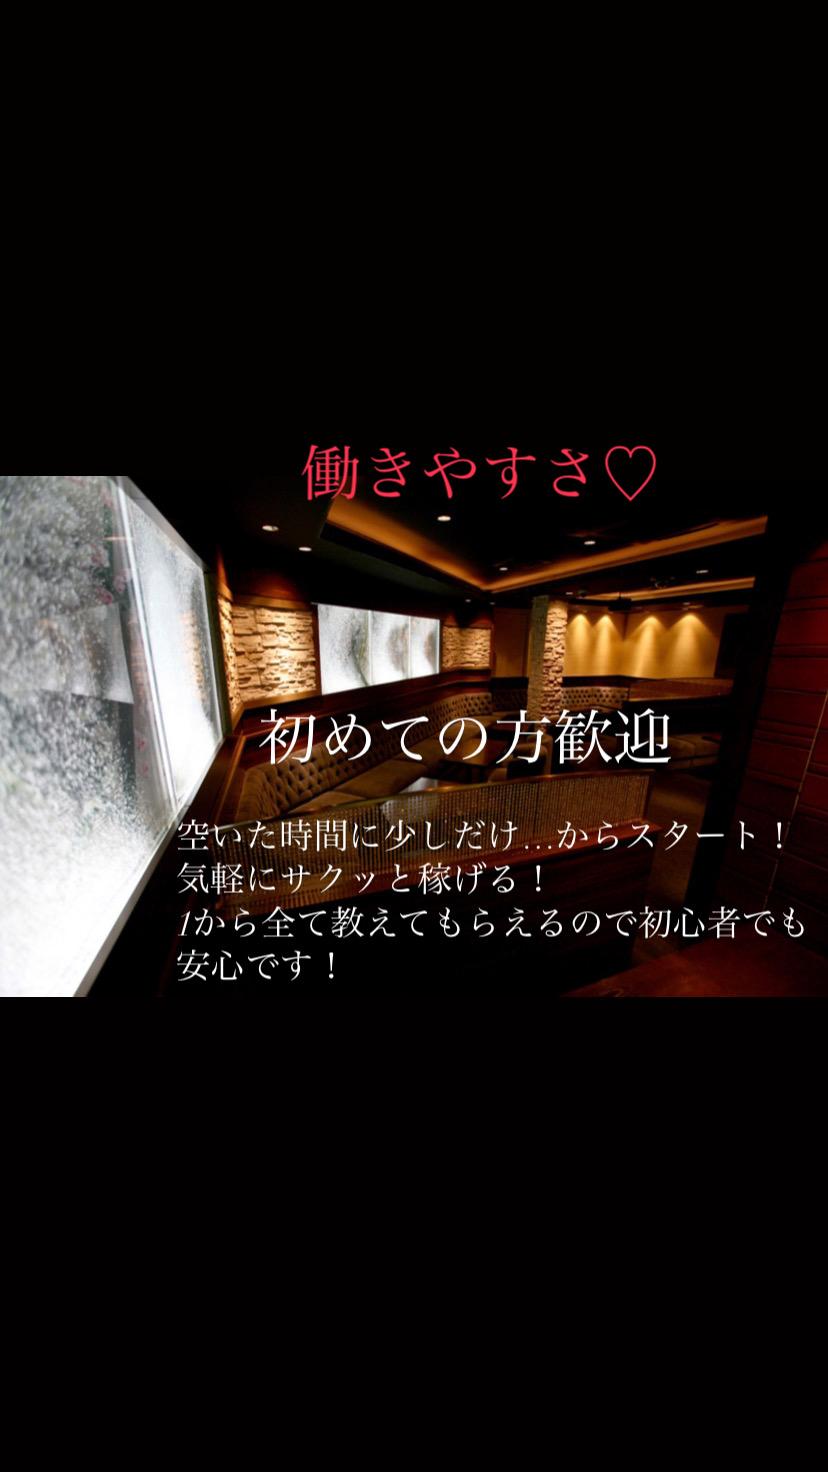 伊勢崎市のキャバクラ「ブリリアン」ニュース